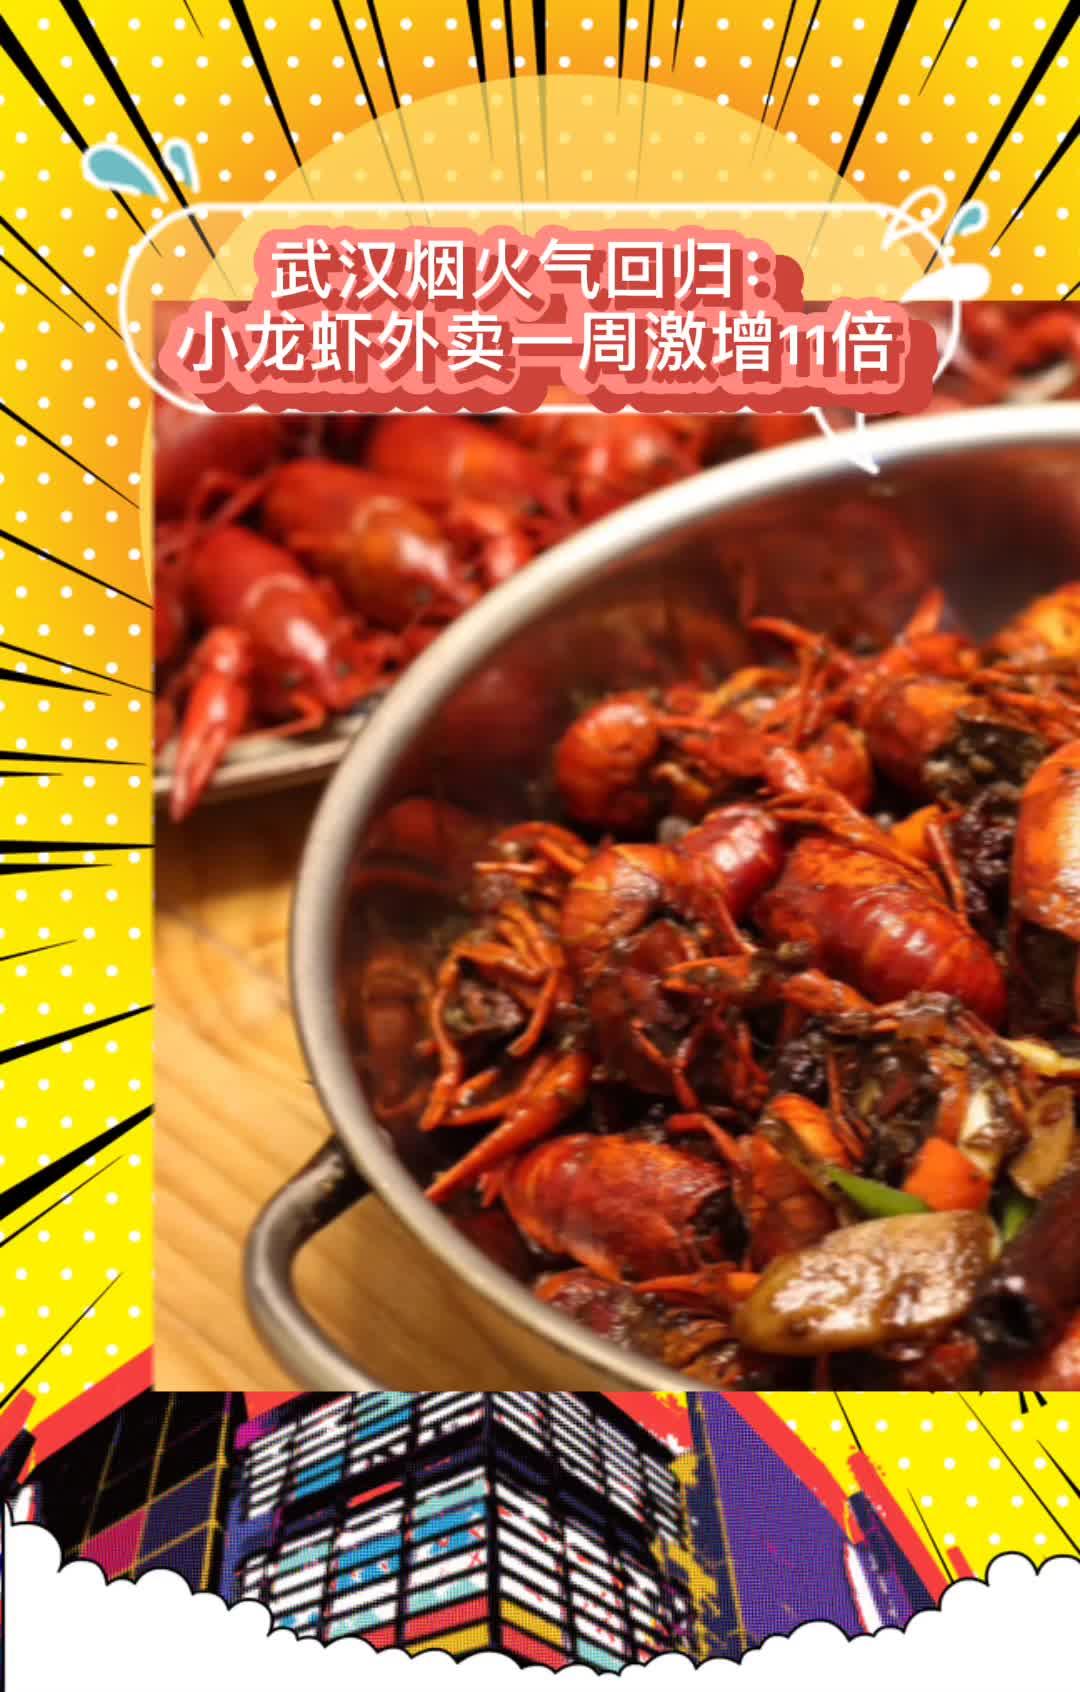 【微视频】武汉烟火气回归:小龙虾外卖一周激增11倍